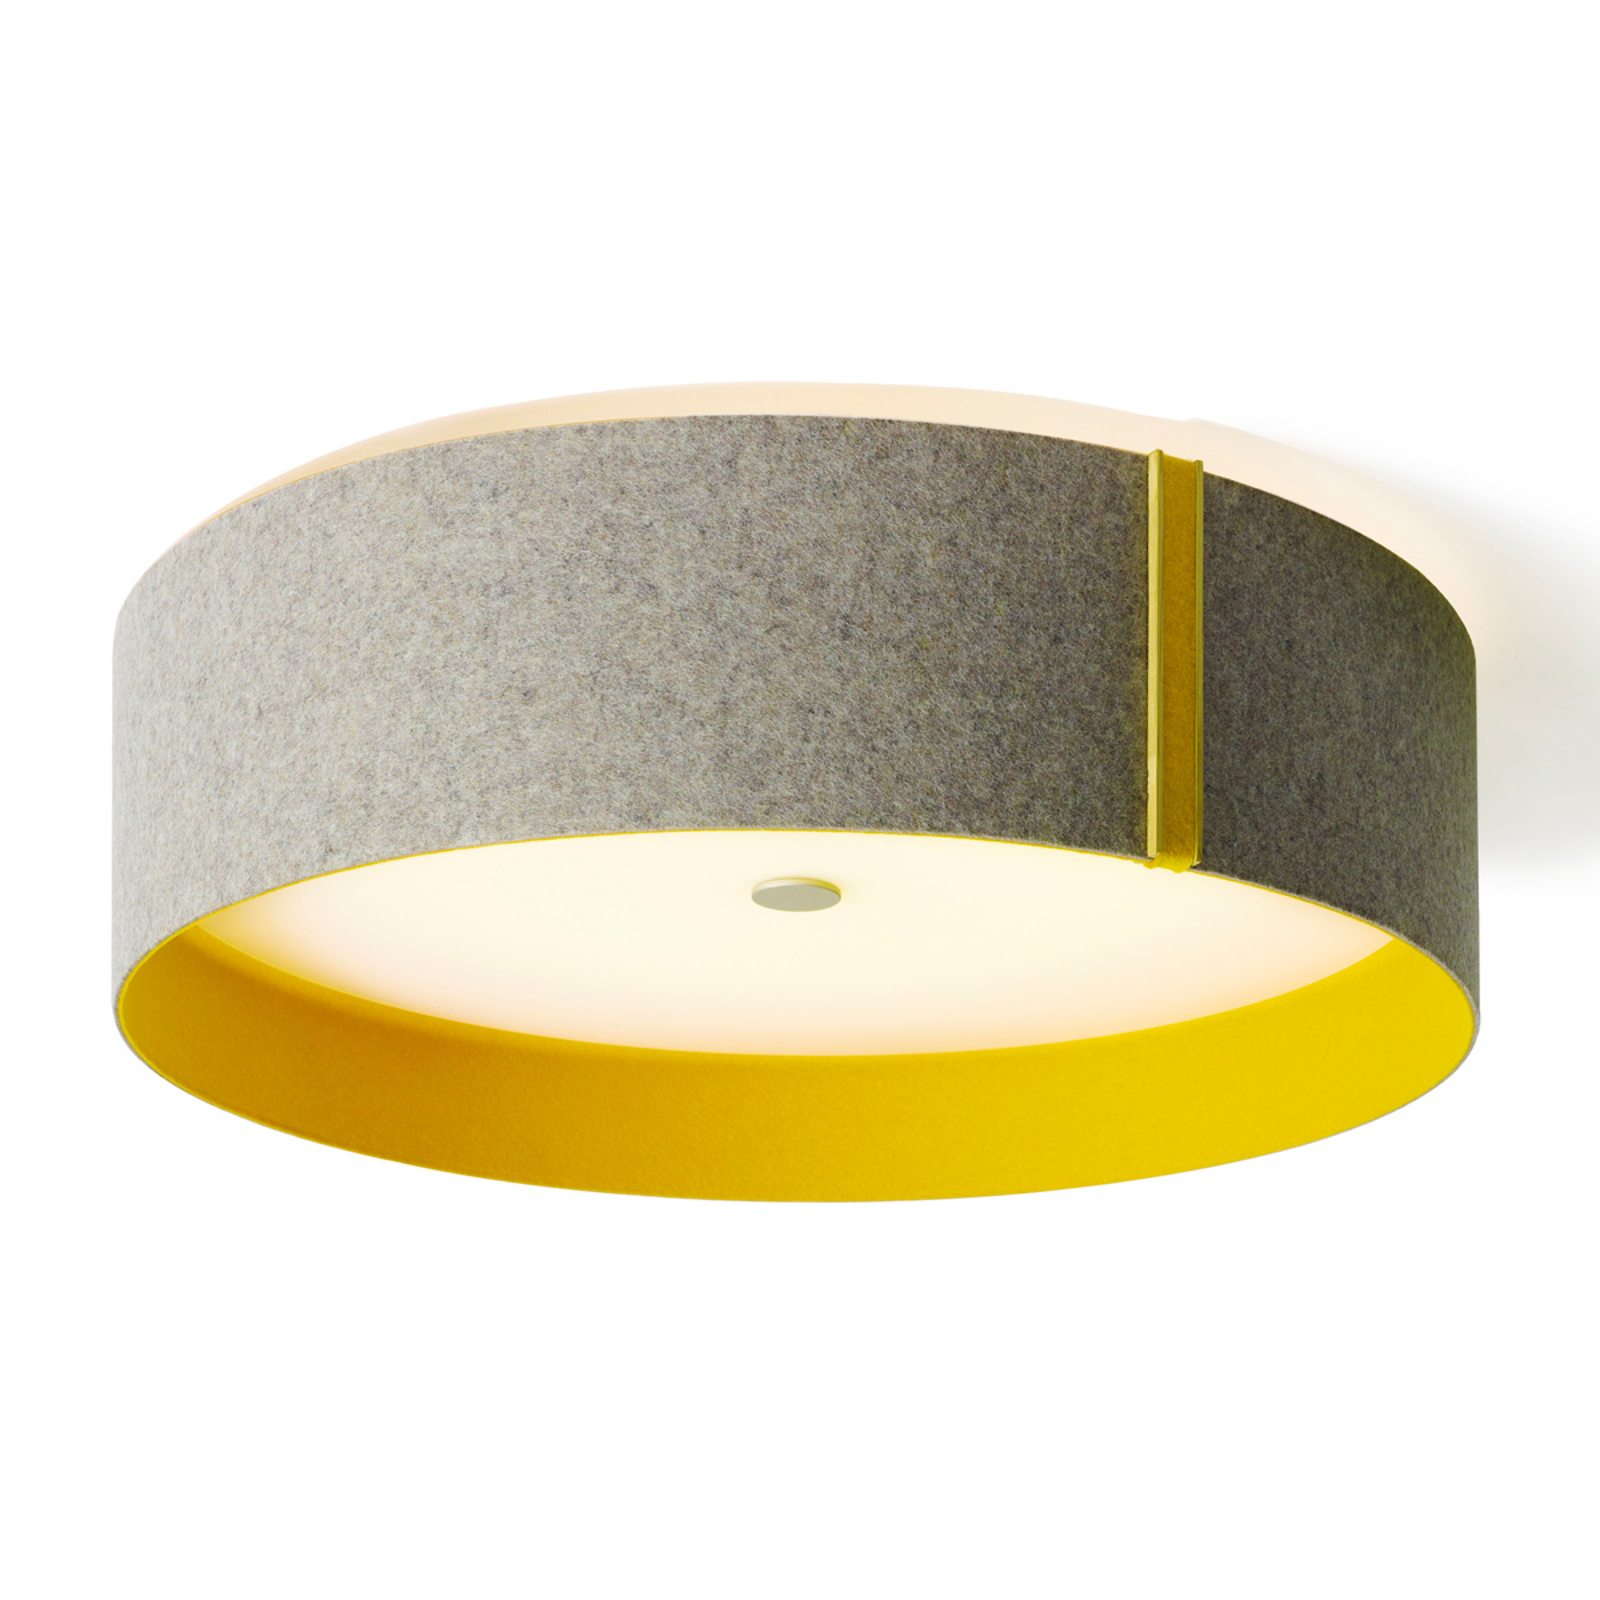 Taklampa Lara felt av filt, LED-lampa, grå-curry